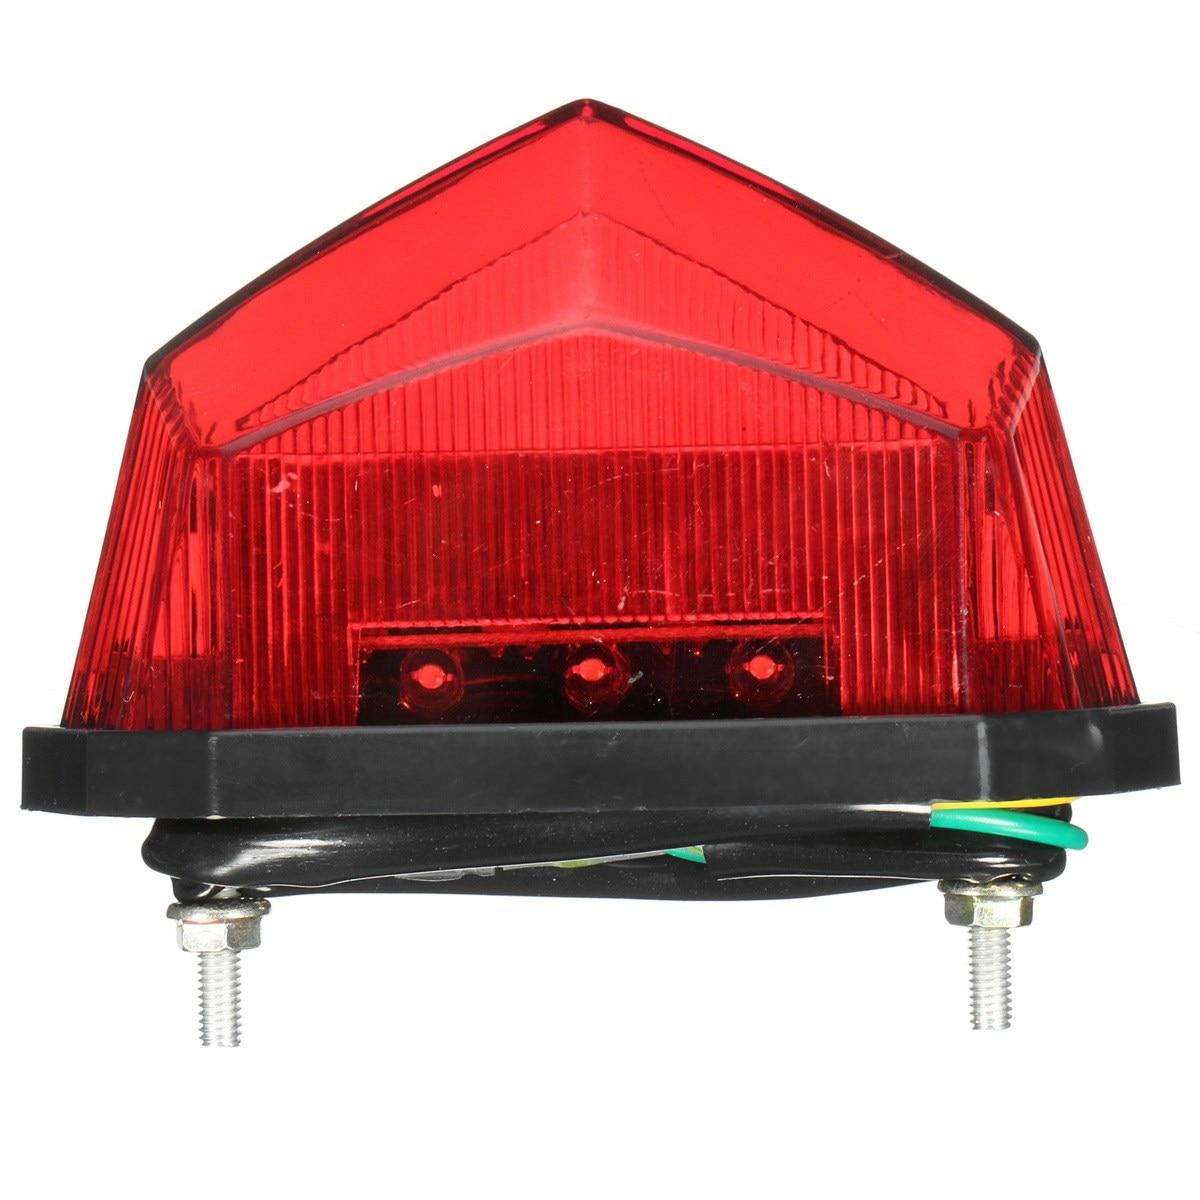 Mofaner Motorcycle ATV Tail Light 11 LEDs Motorbike License Plate Rear Tail Light Stop Brake Lamp